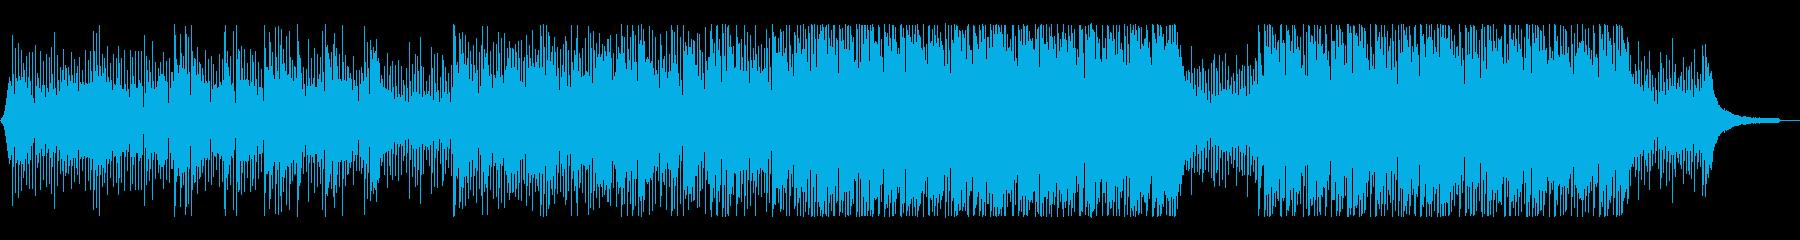 【キック&ベース抜き】未来への意志&疾走の再生済みの波形